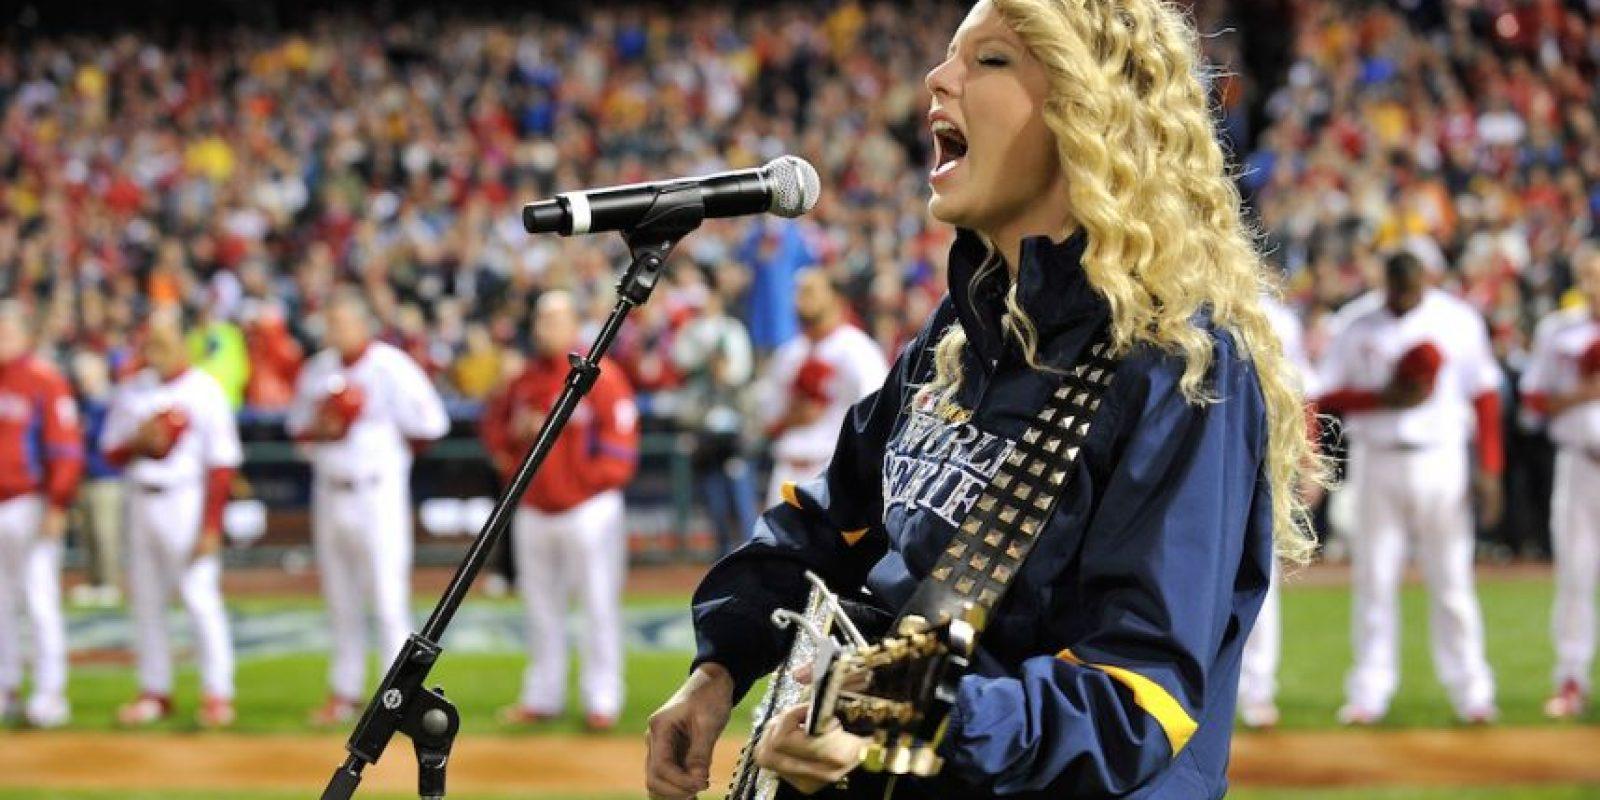 A la cantante le gusta mostrar sus piernas, ella sólo usaría pantalón en caso de sobrevivencia Foto:Getty Images